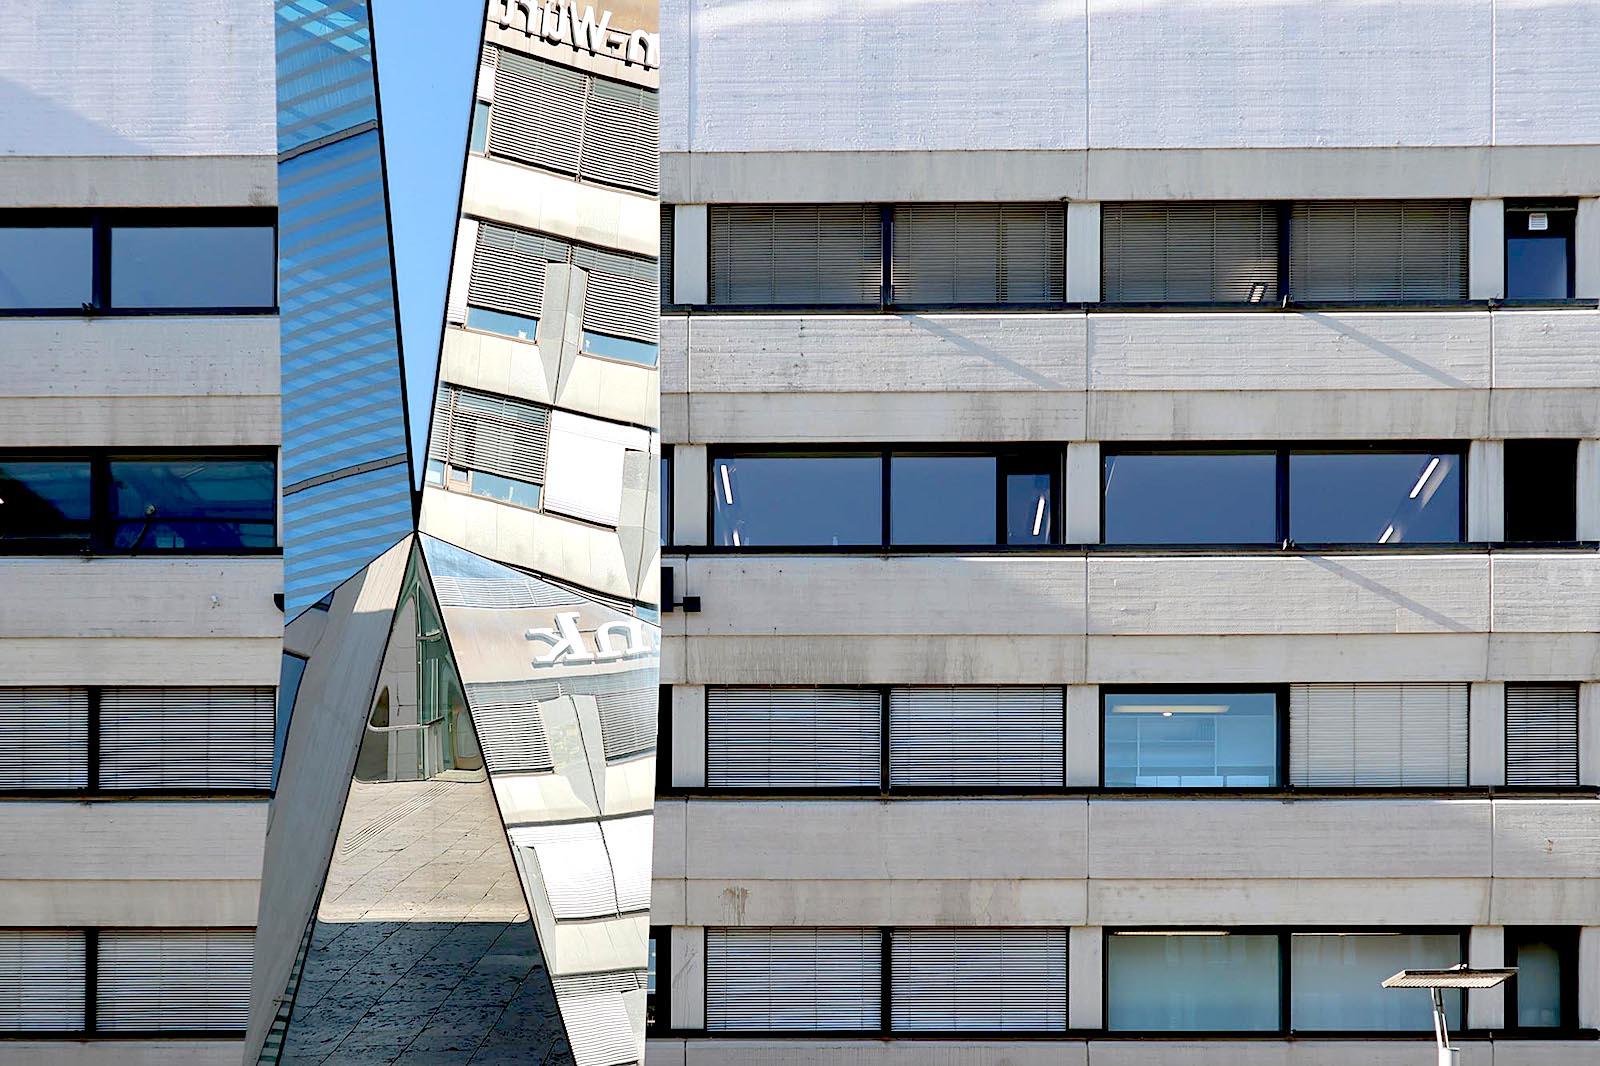 Ein kessel k hnes stuttgart deutschland the link - Postmoderne architektur ...